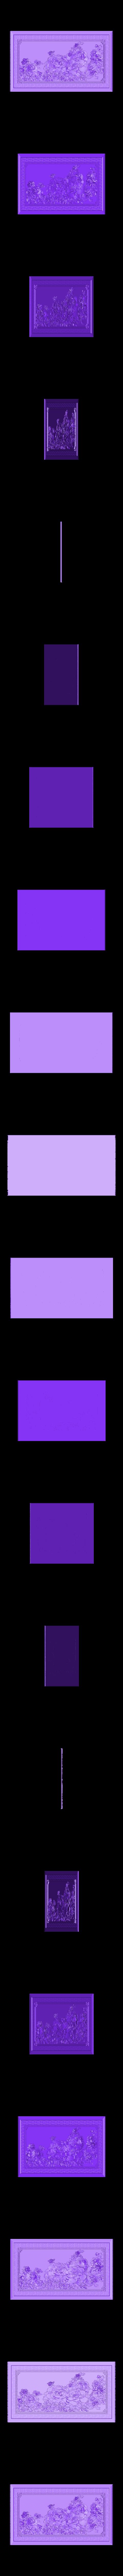 Peony_flowers.stl Télécharger fichier STL gratuit Fleurs de pivoine • Design pour impression 3D, stlfilesfree